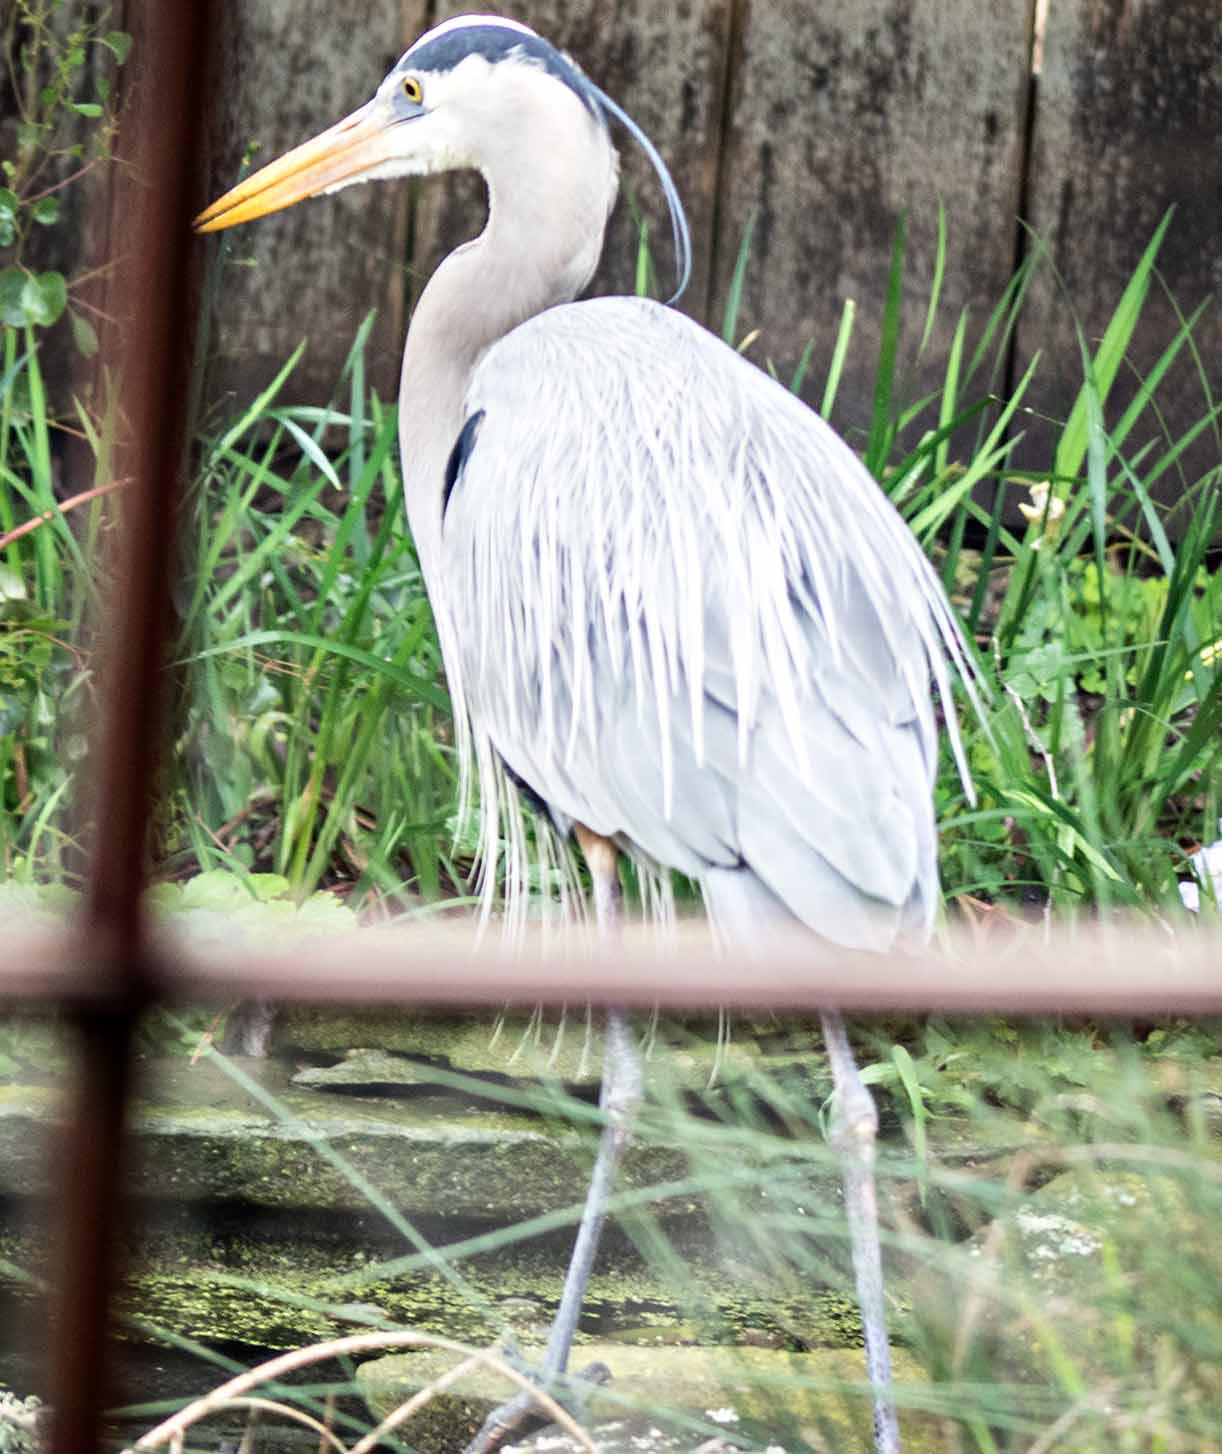 d3aca586a9e84 Majestic birds ...